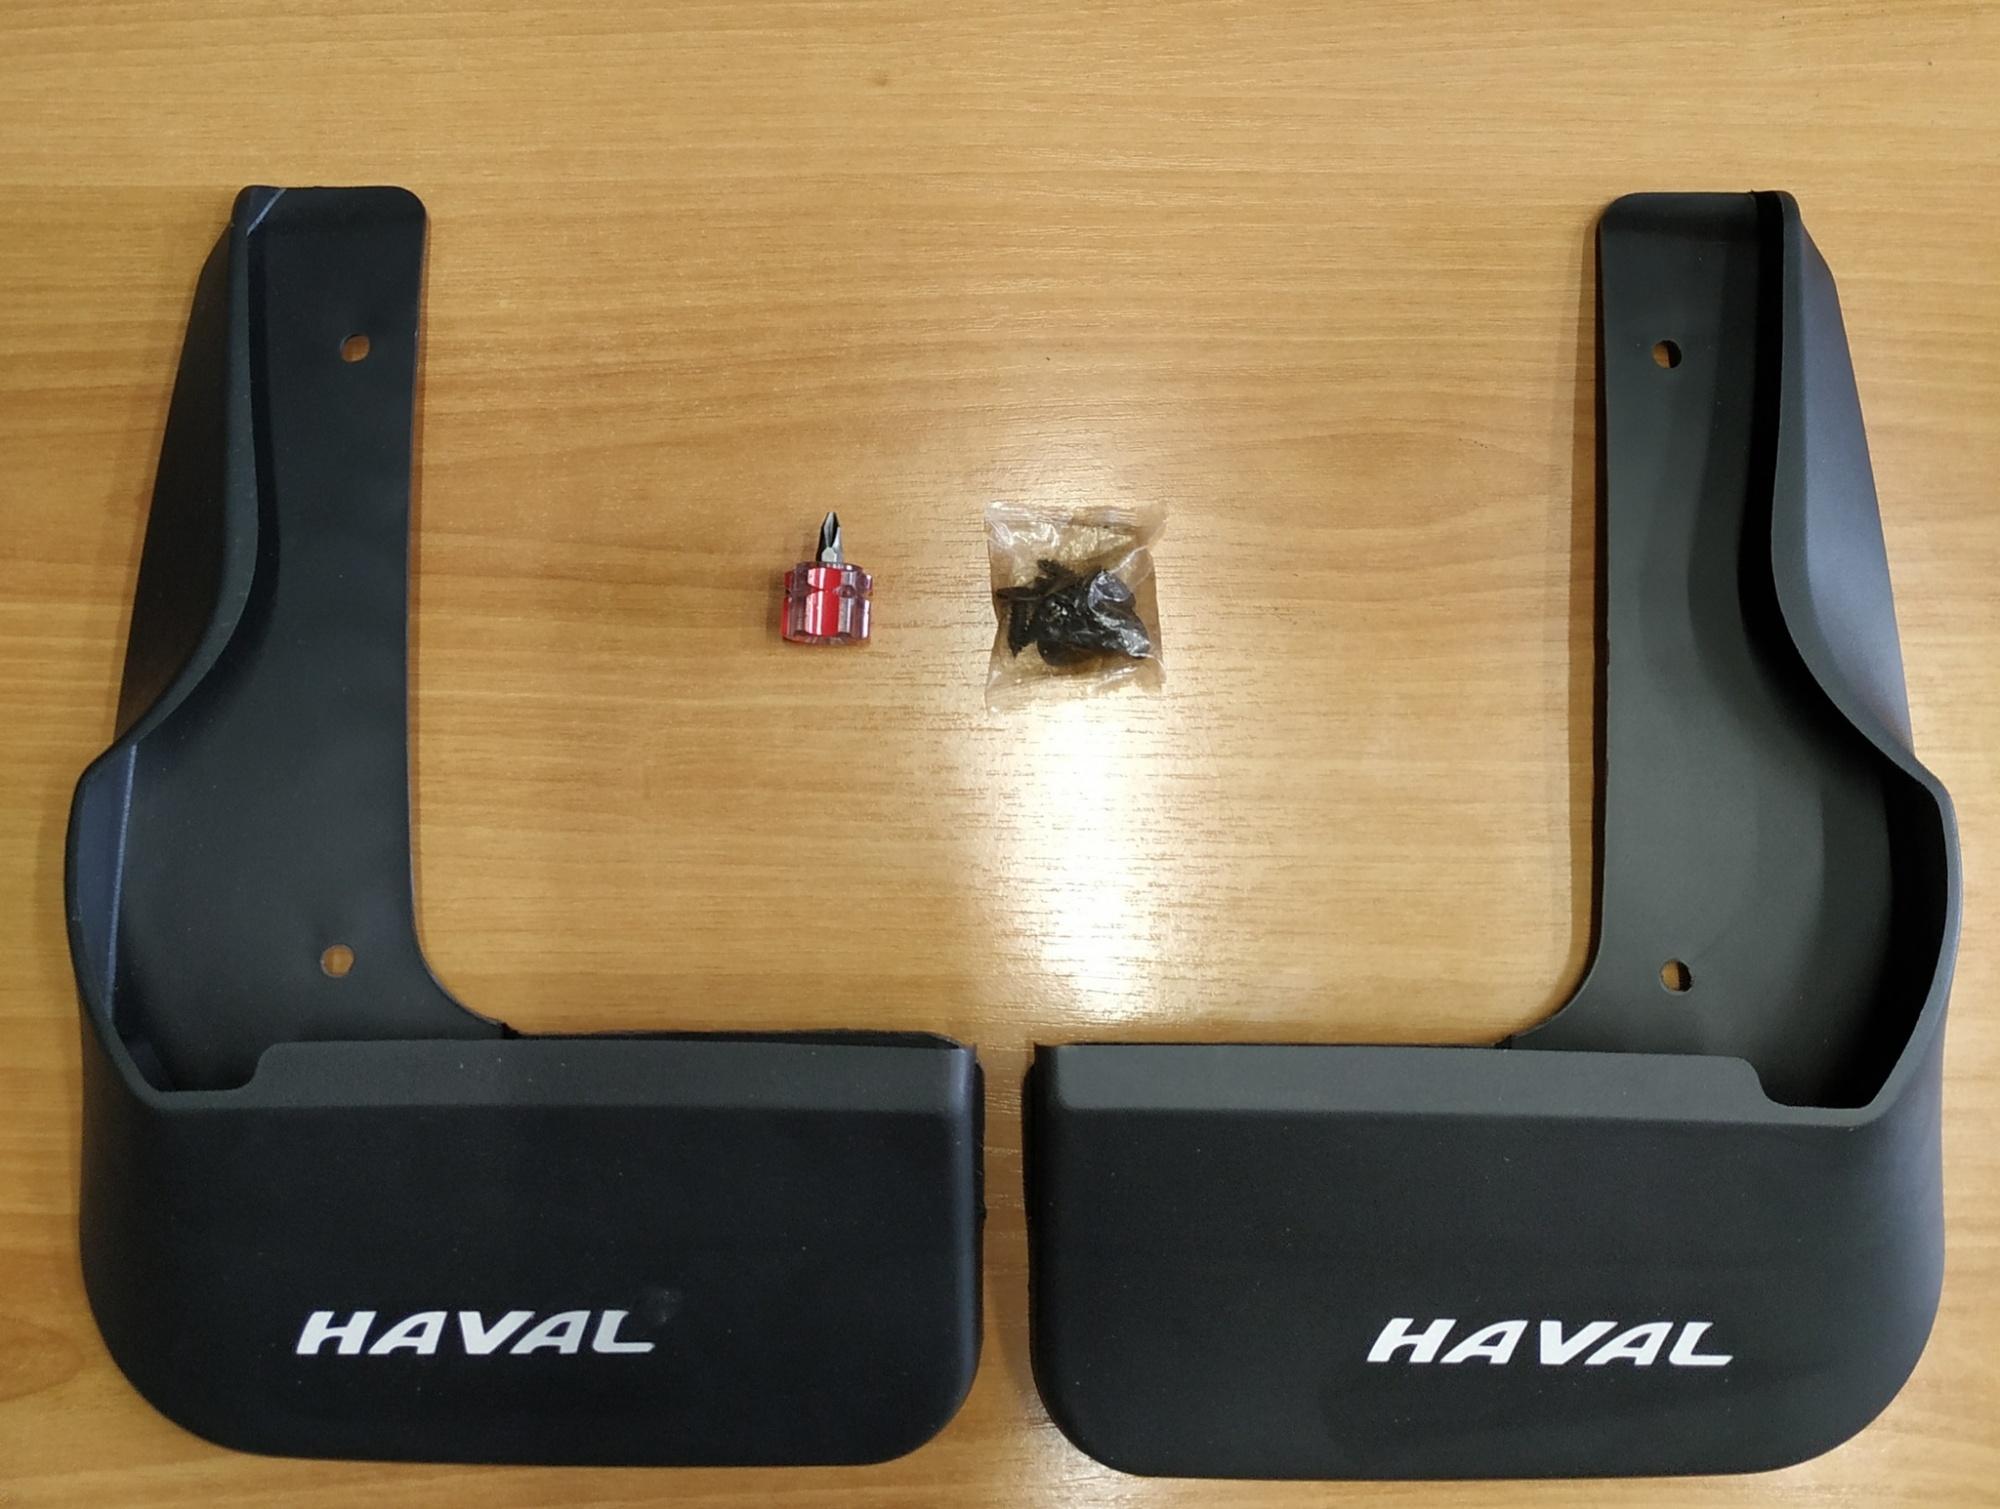 Брызговики передние для Haval H9 2018 + брызговики авто стандарт 2 шт 102401